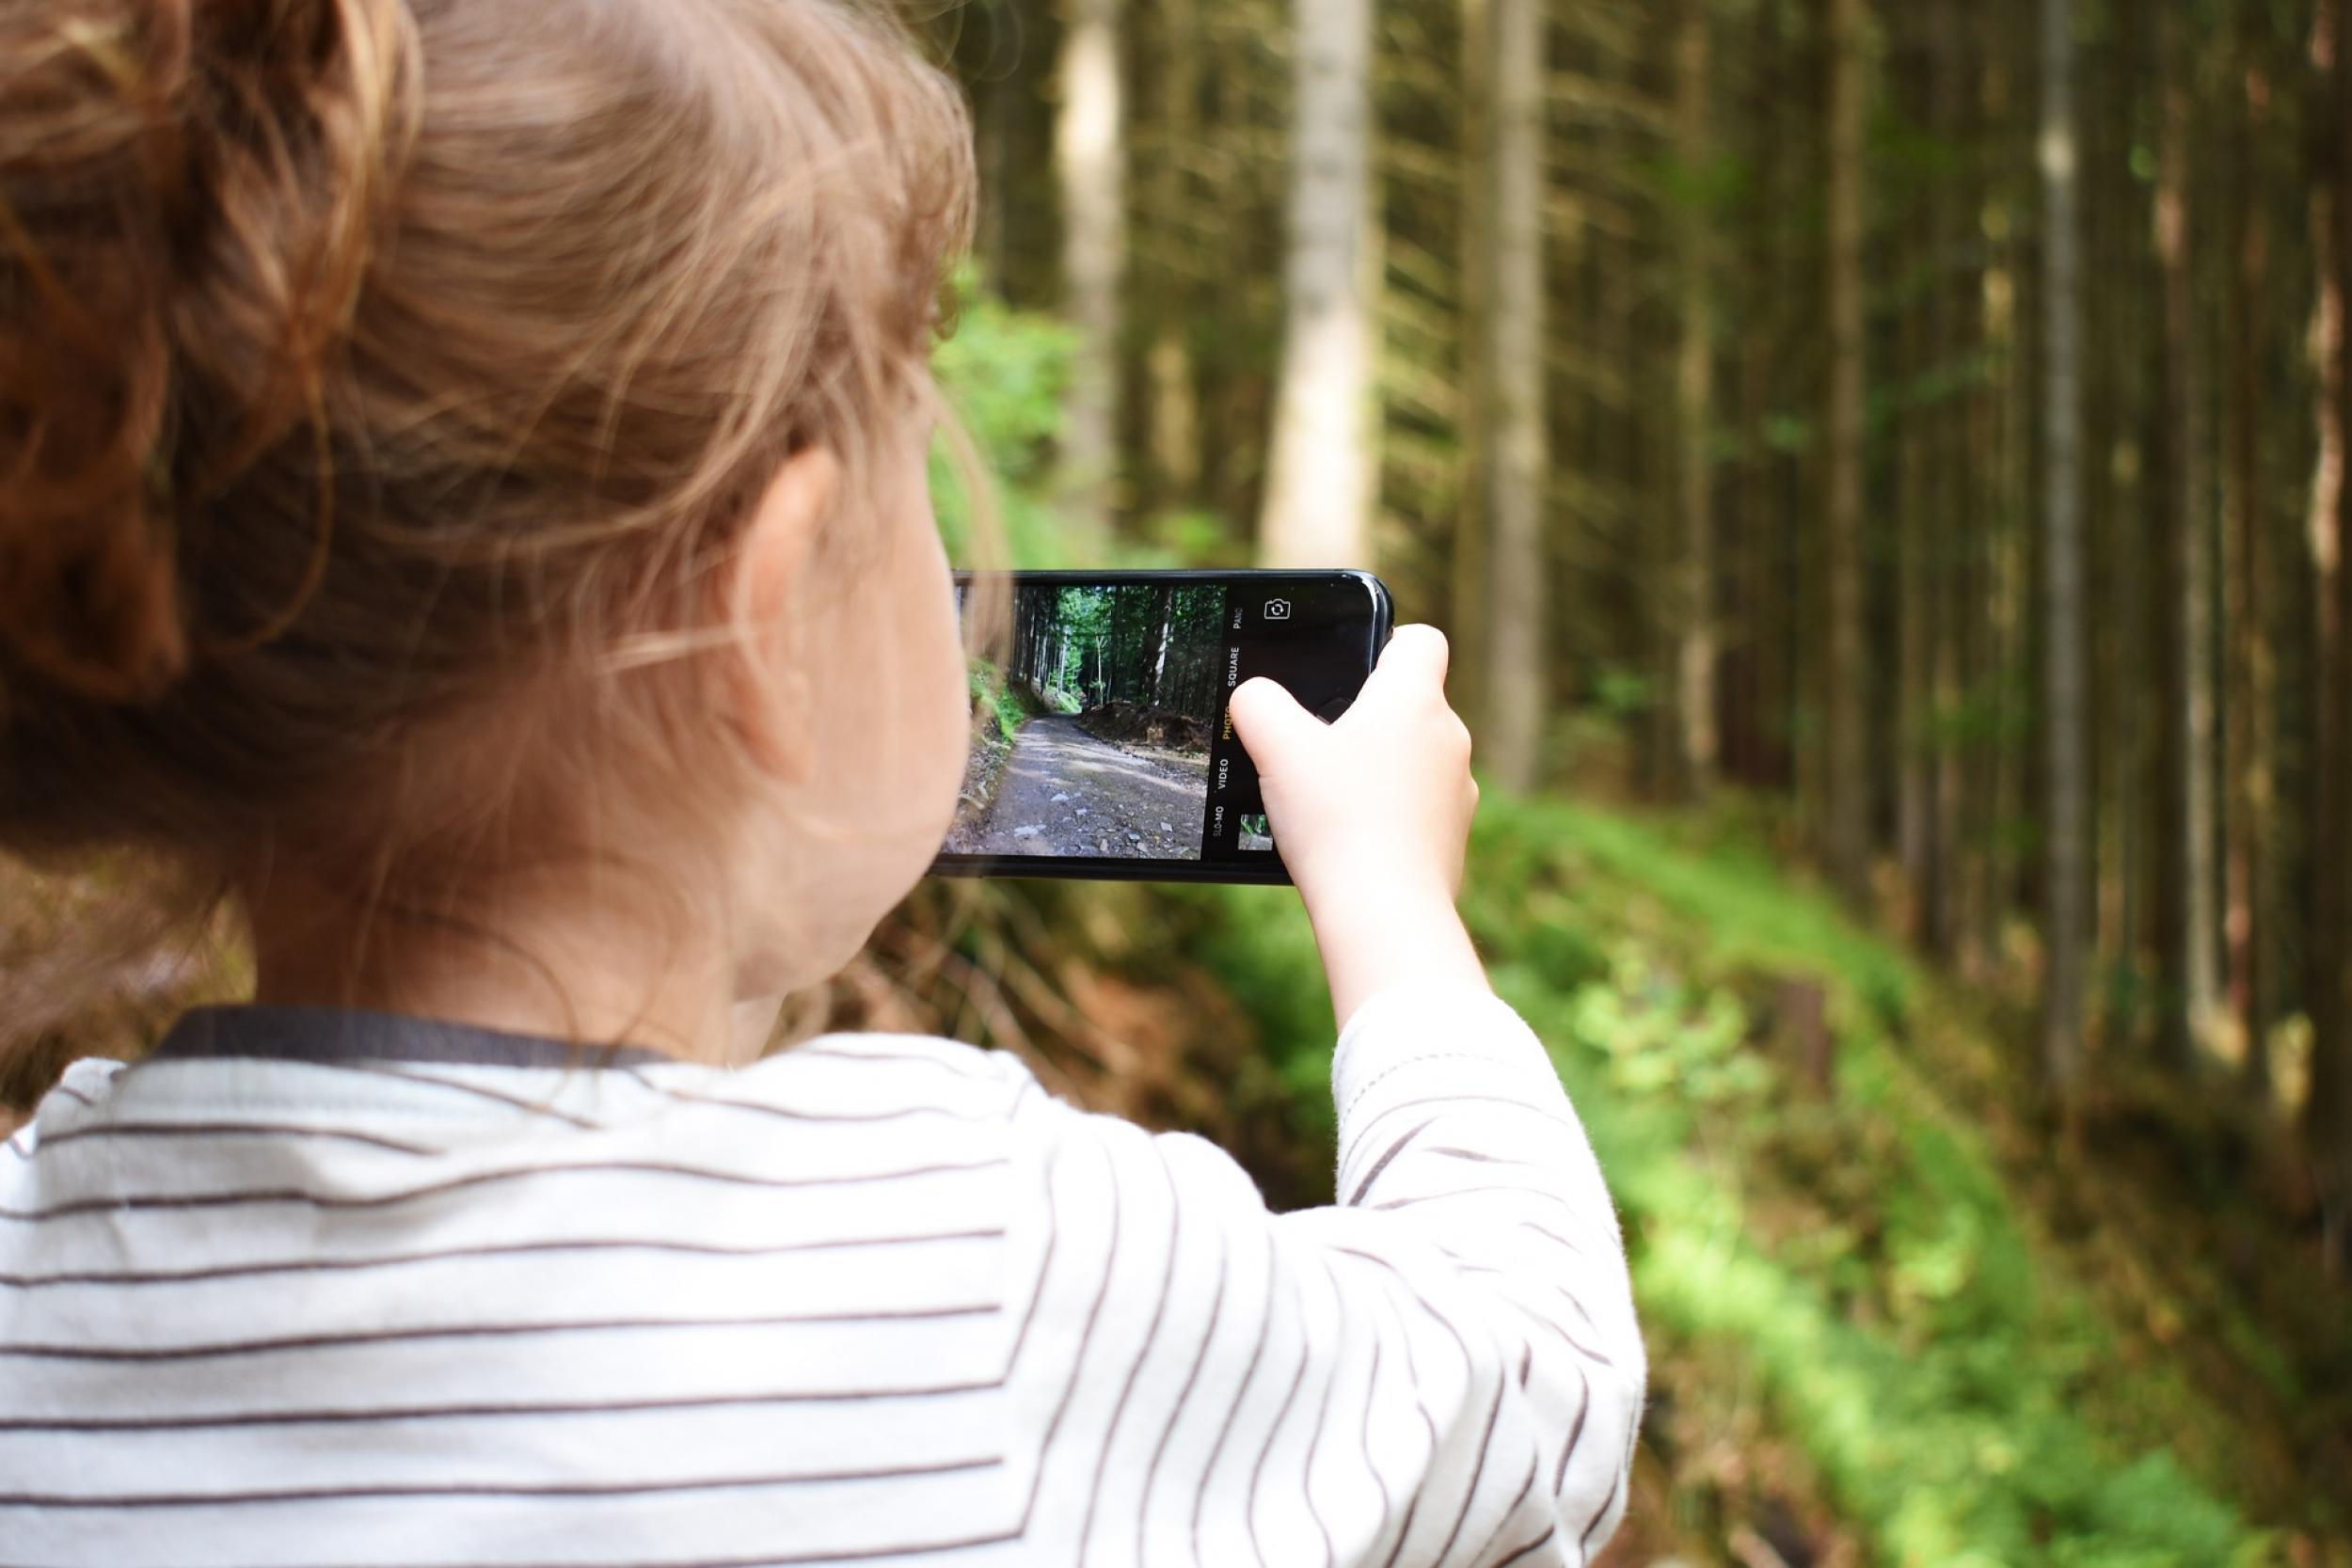 2 Parte - Bambini, genitori e nuove tecnologie:  fattori di prevenzione e rischio secondo le ricerche più recenti (videoconferenza gratuita)